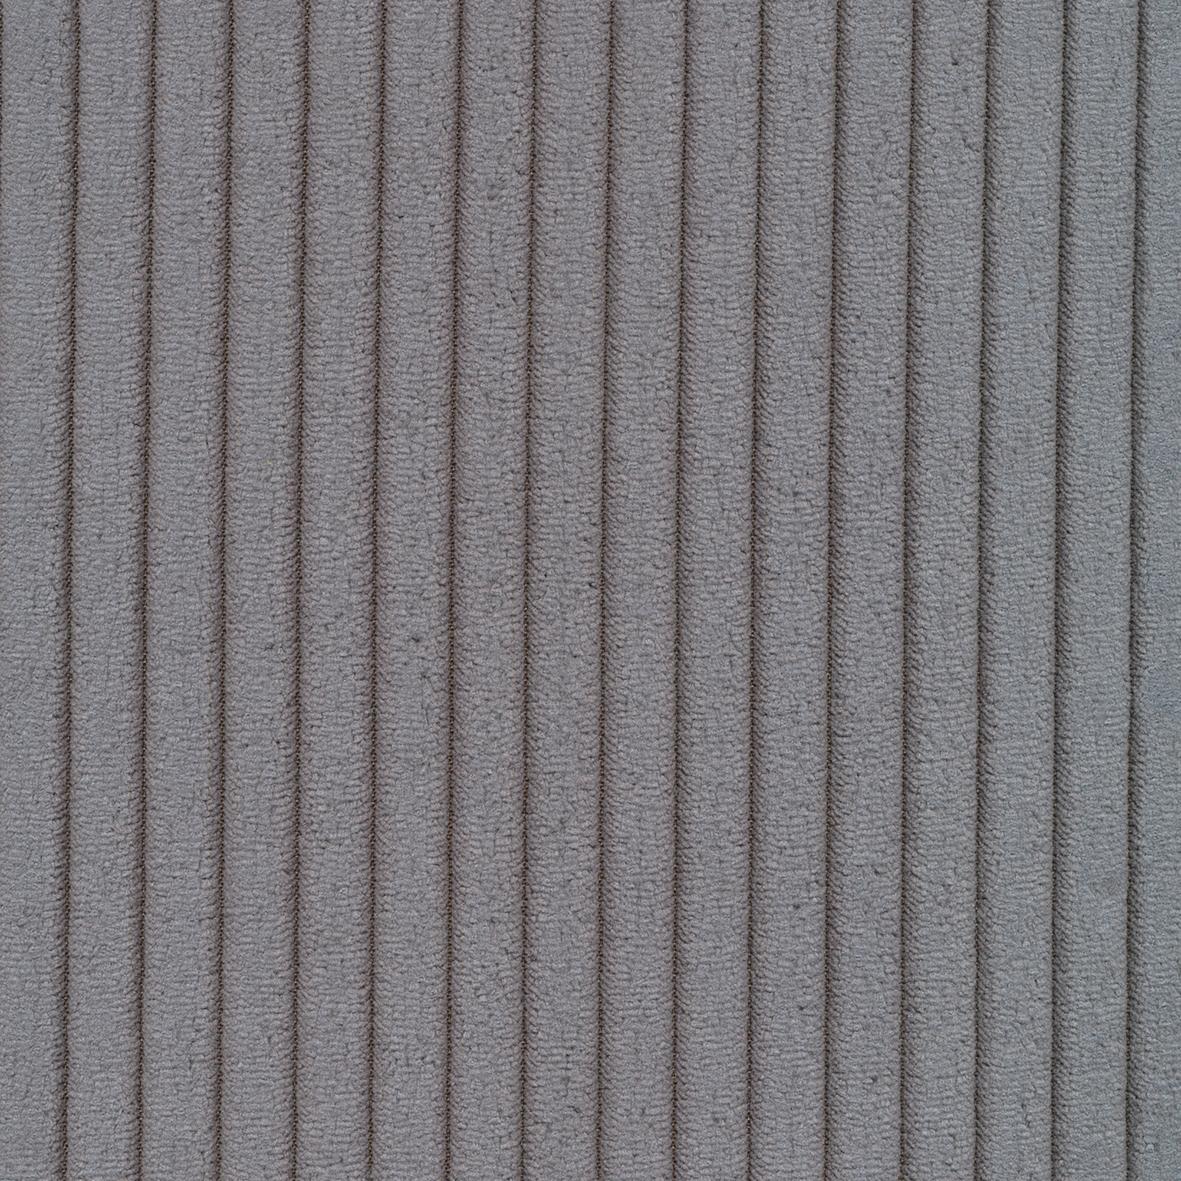 596-corduroy-dark-greylowres_2